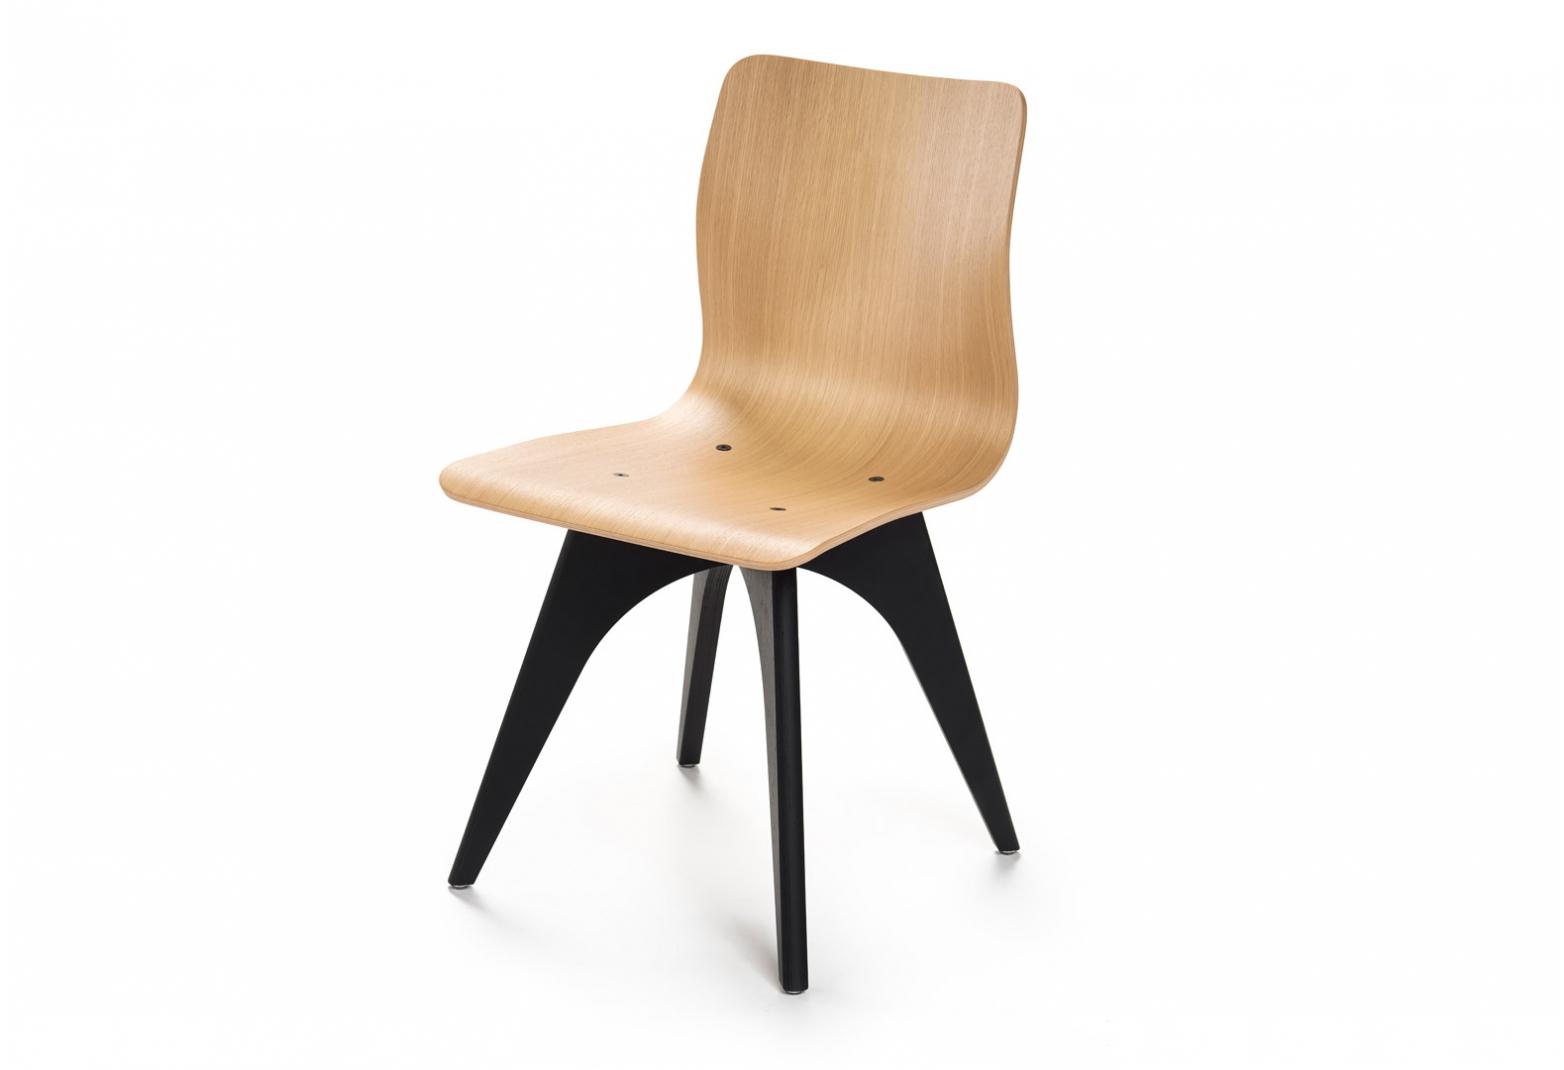 la chaise wave 100 en bois de kees marcelis guten morgwen. Black Bedroom Furniture Sets. Home Design Ideas